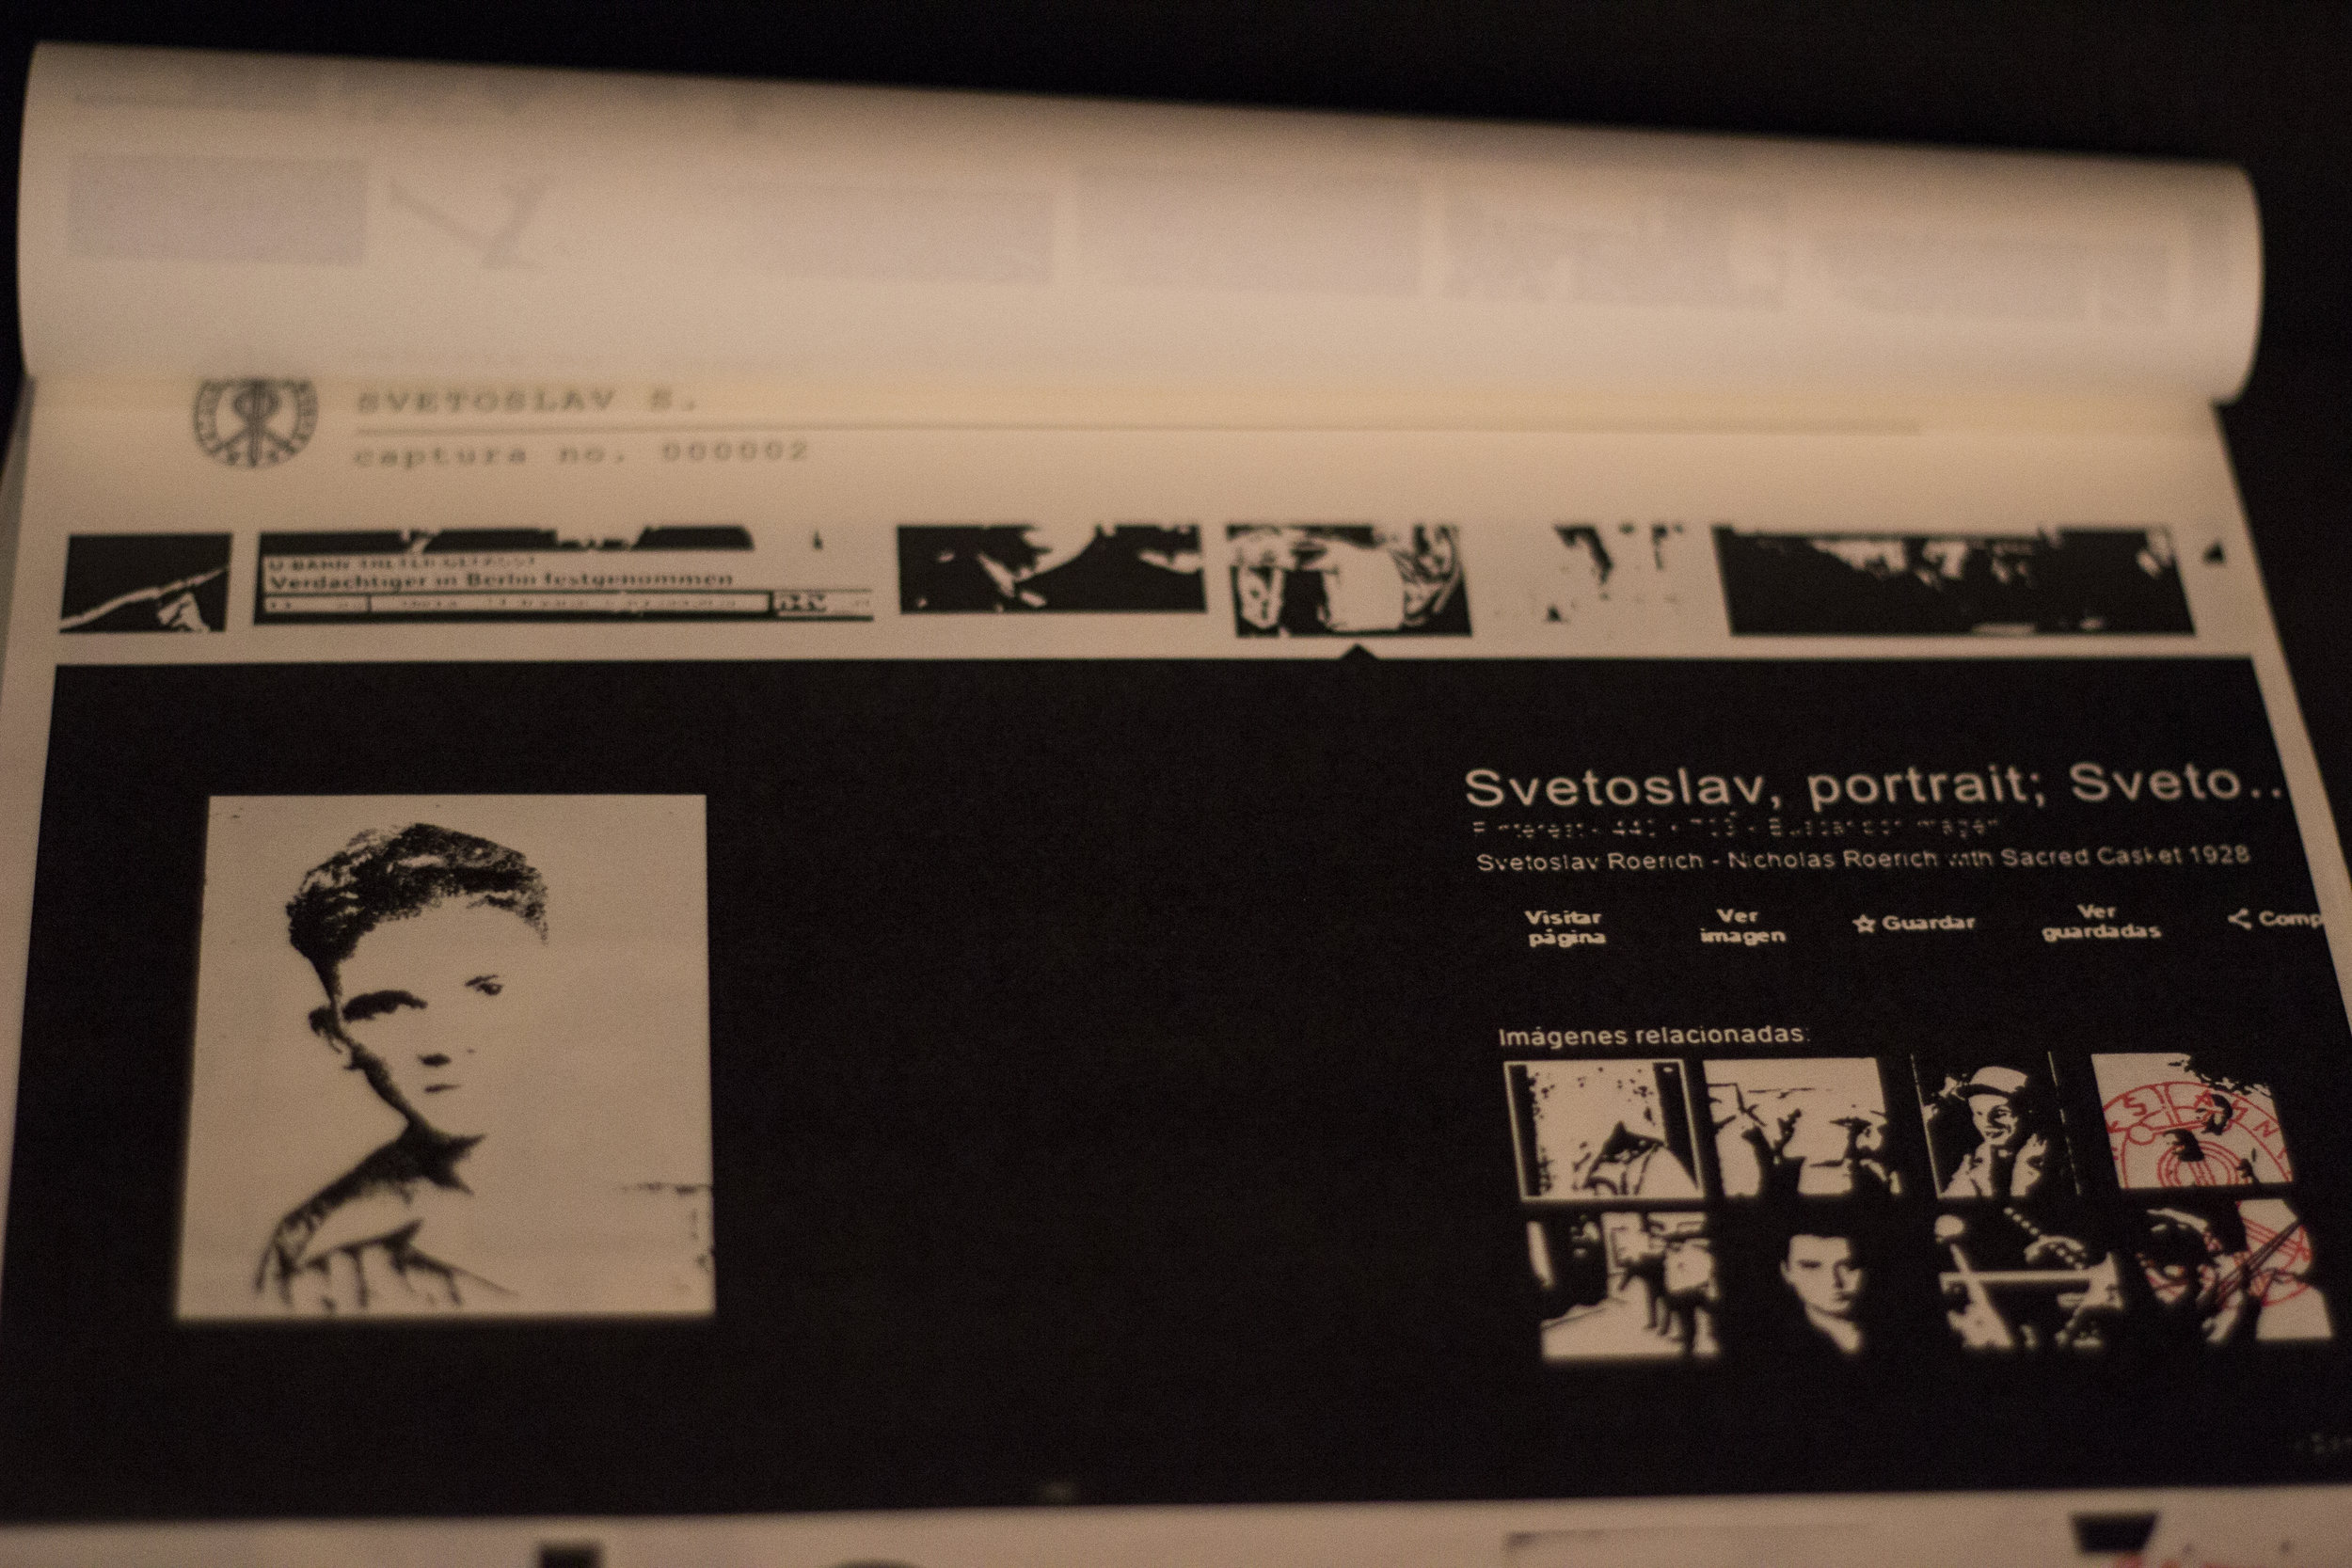 File 2132-97 Svetoslav S. Ediciones Trece Noventa. Adrián Flores Sancho. Displayed copy, Installation View. Images by Verónica Alfaro. 2017